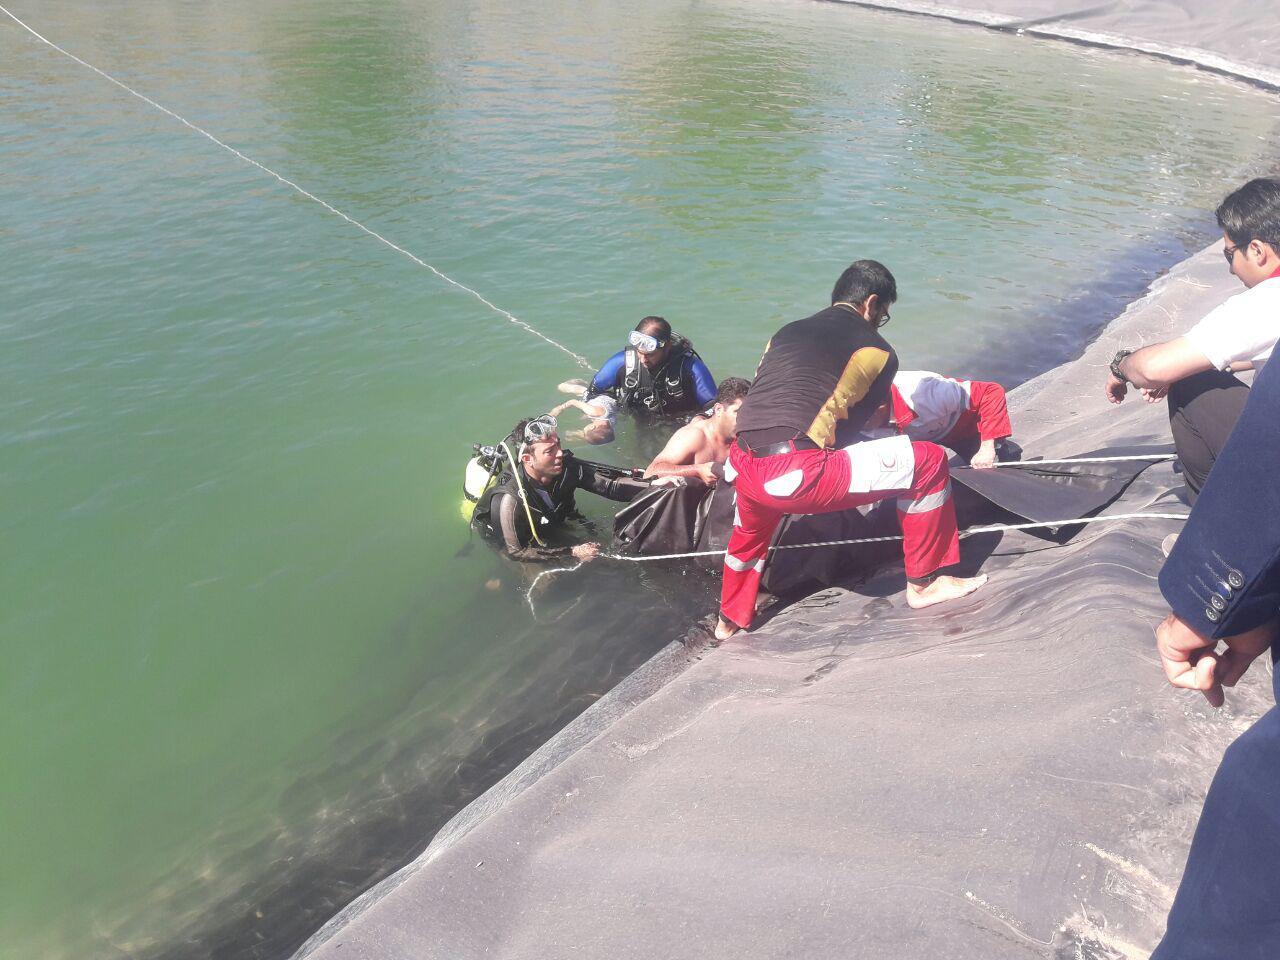 جان باختن دو کودک در استخر ذخیره آب کشاورزی